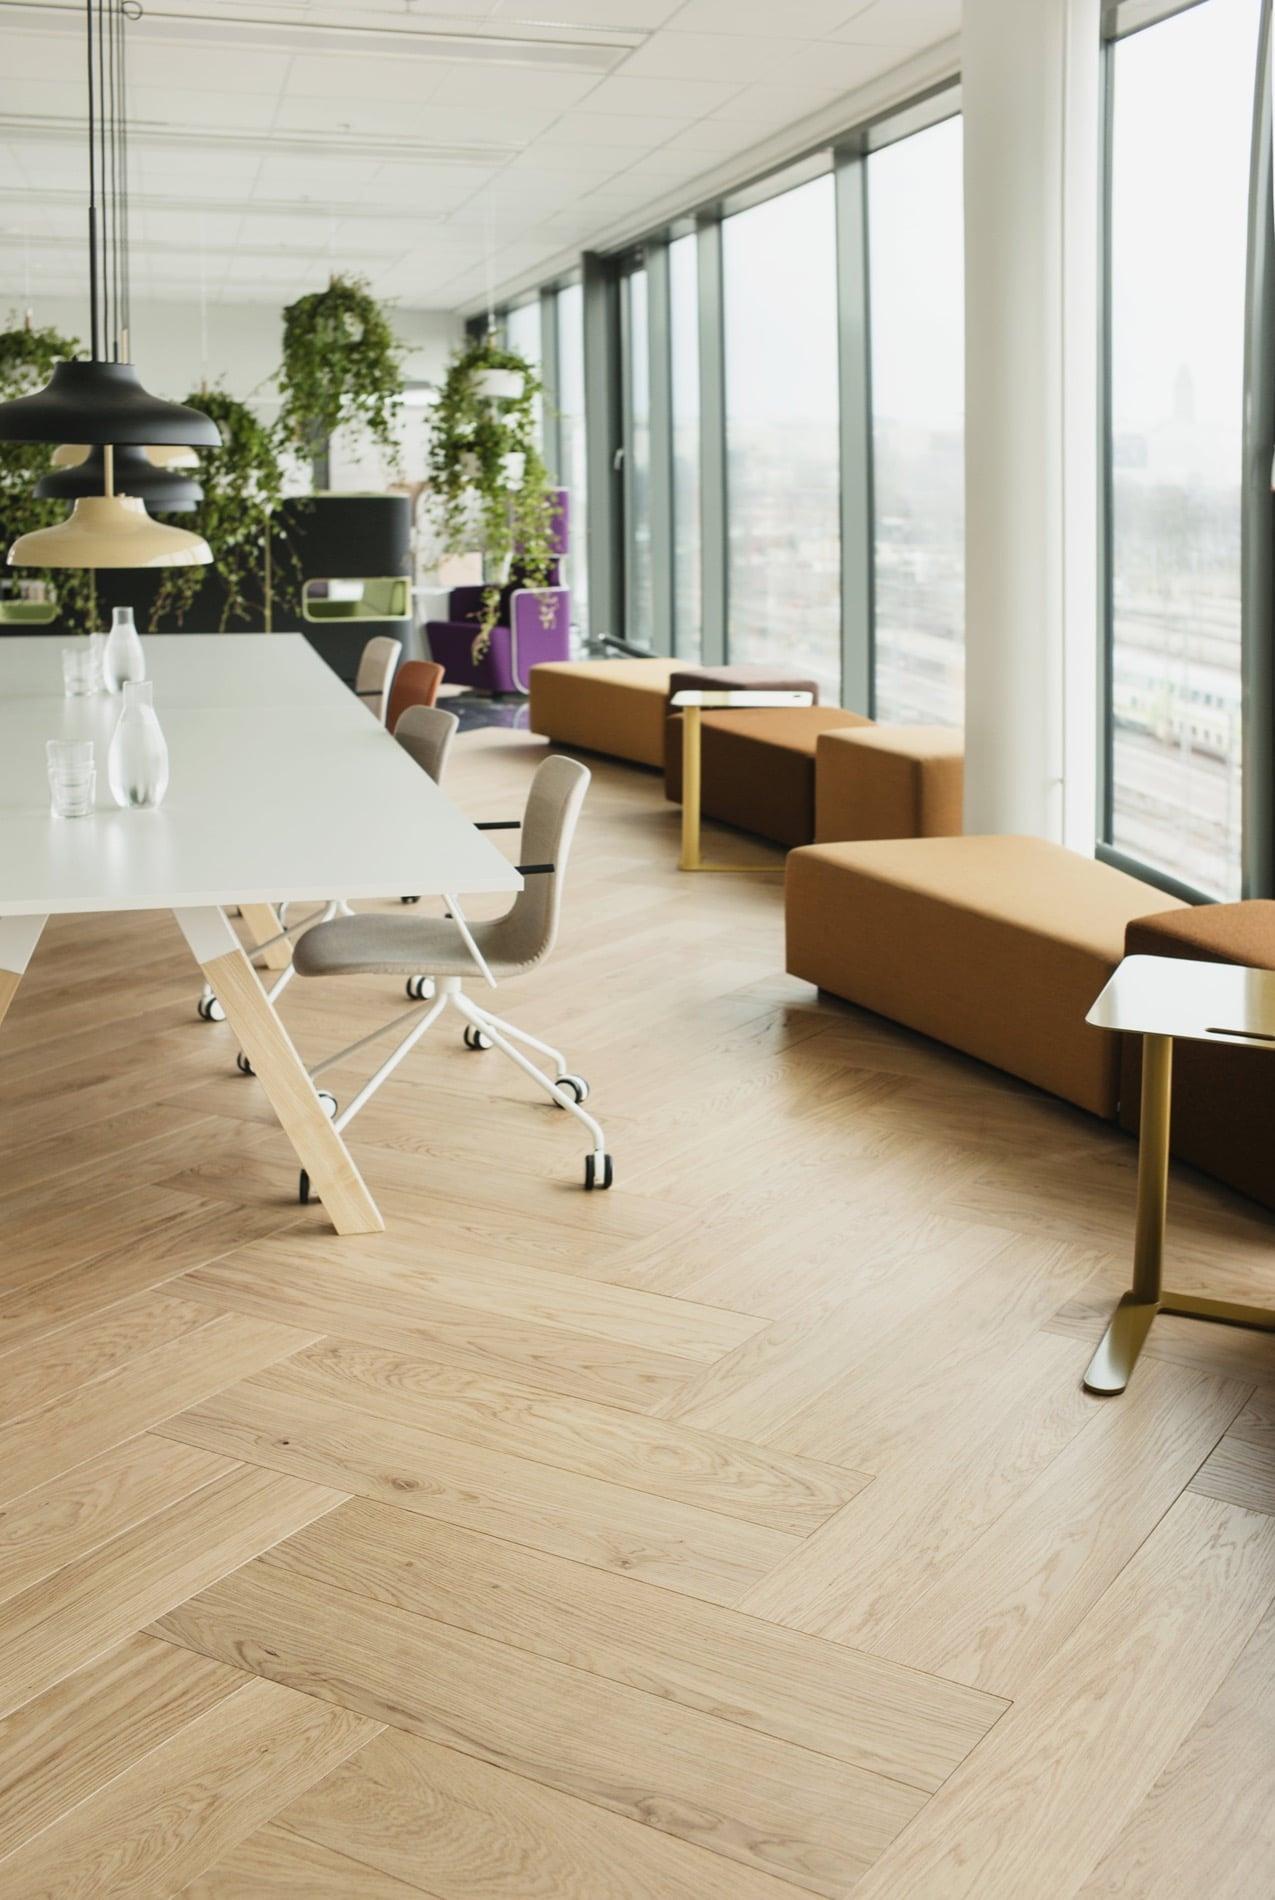 Timberwise parketti puulattia wooden floor design parquet double kalanruoto herringbone fishbone Tammi Oak Nordic_pysty1